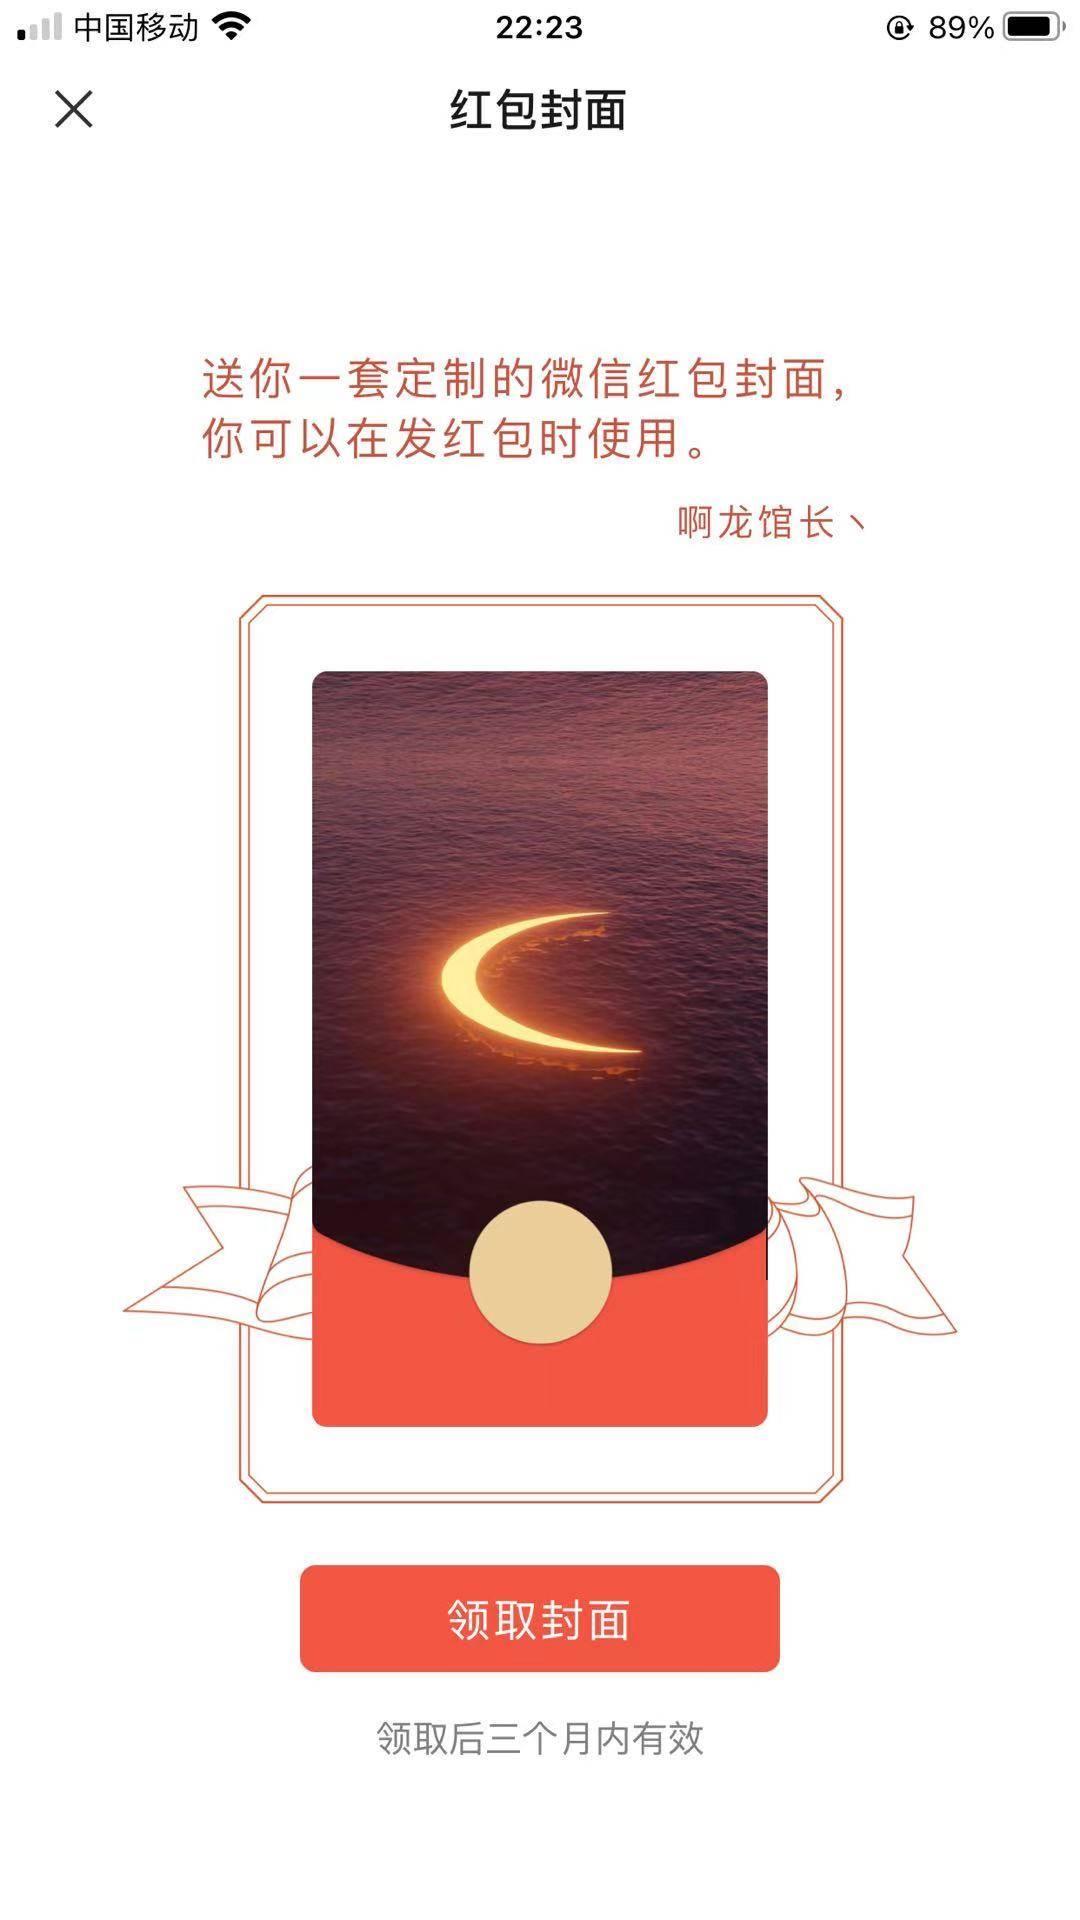 【红包封面】海上弯月